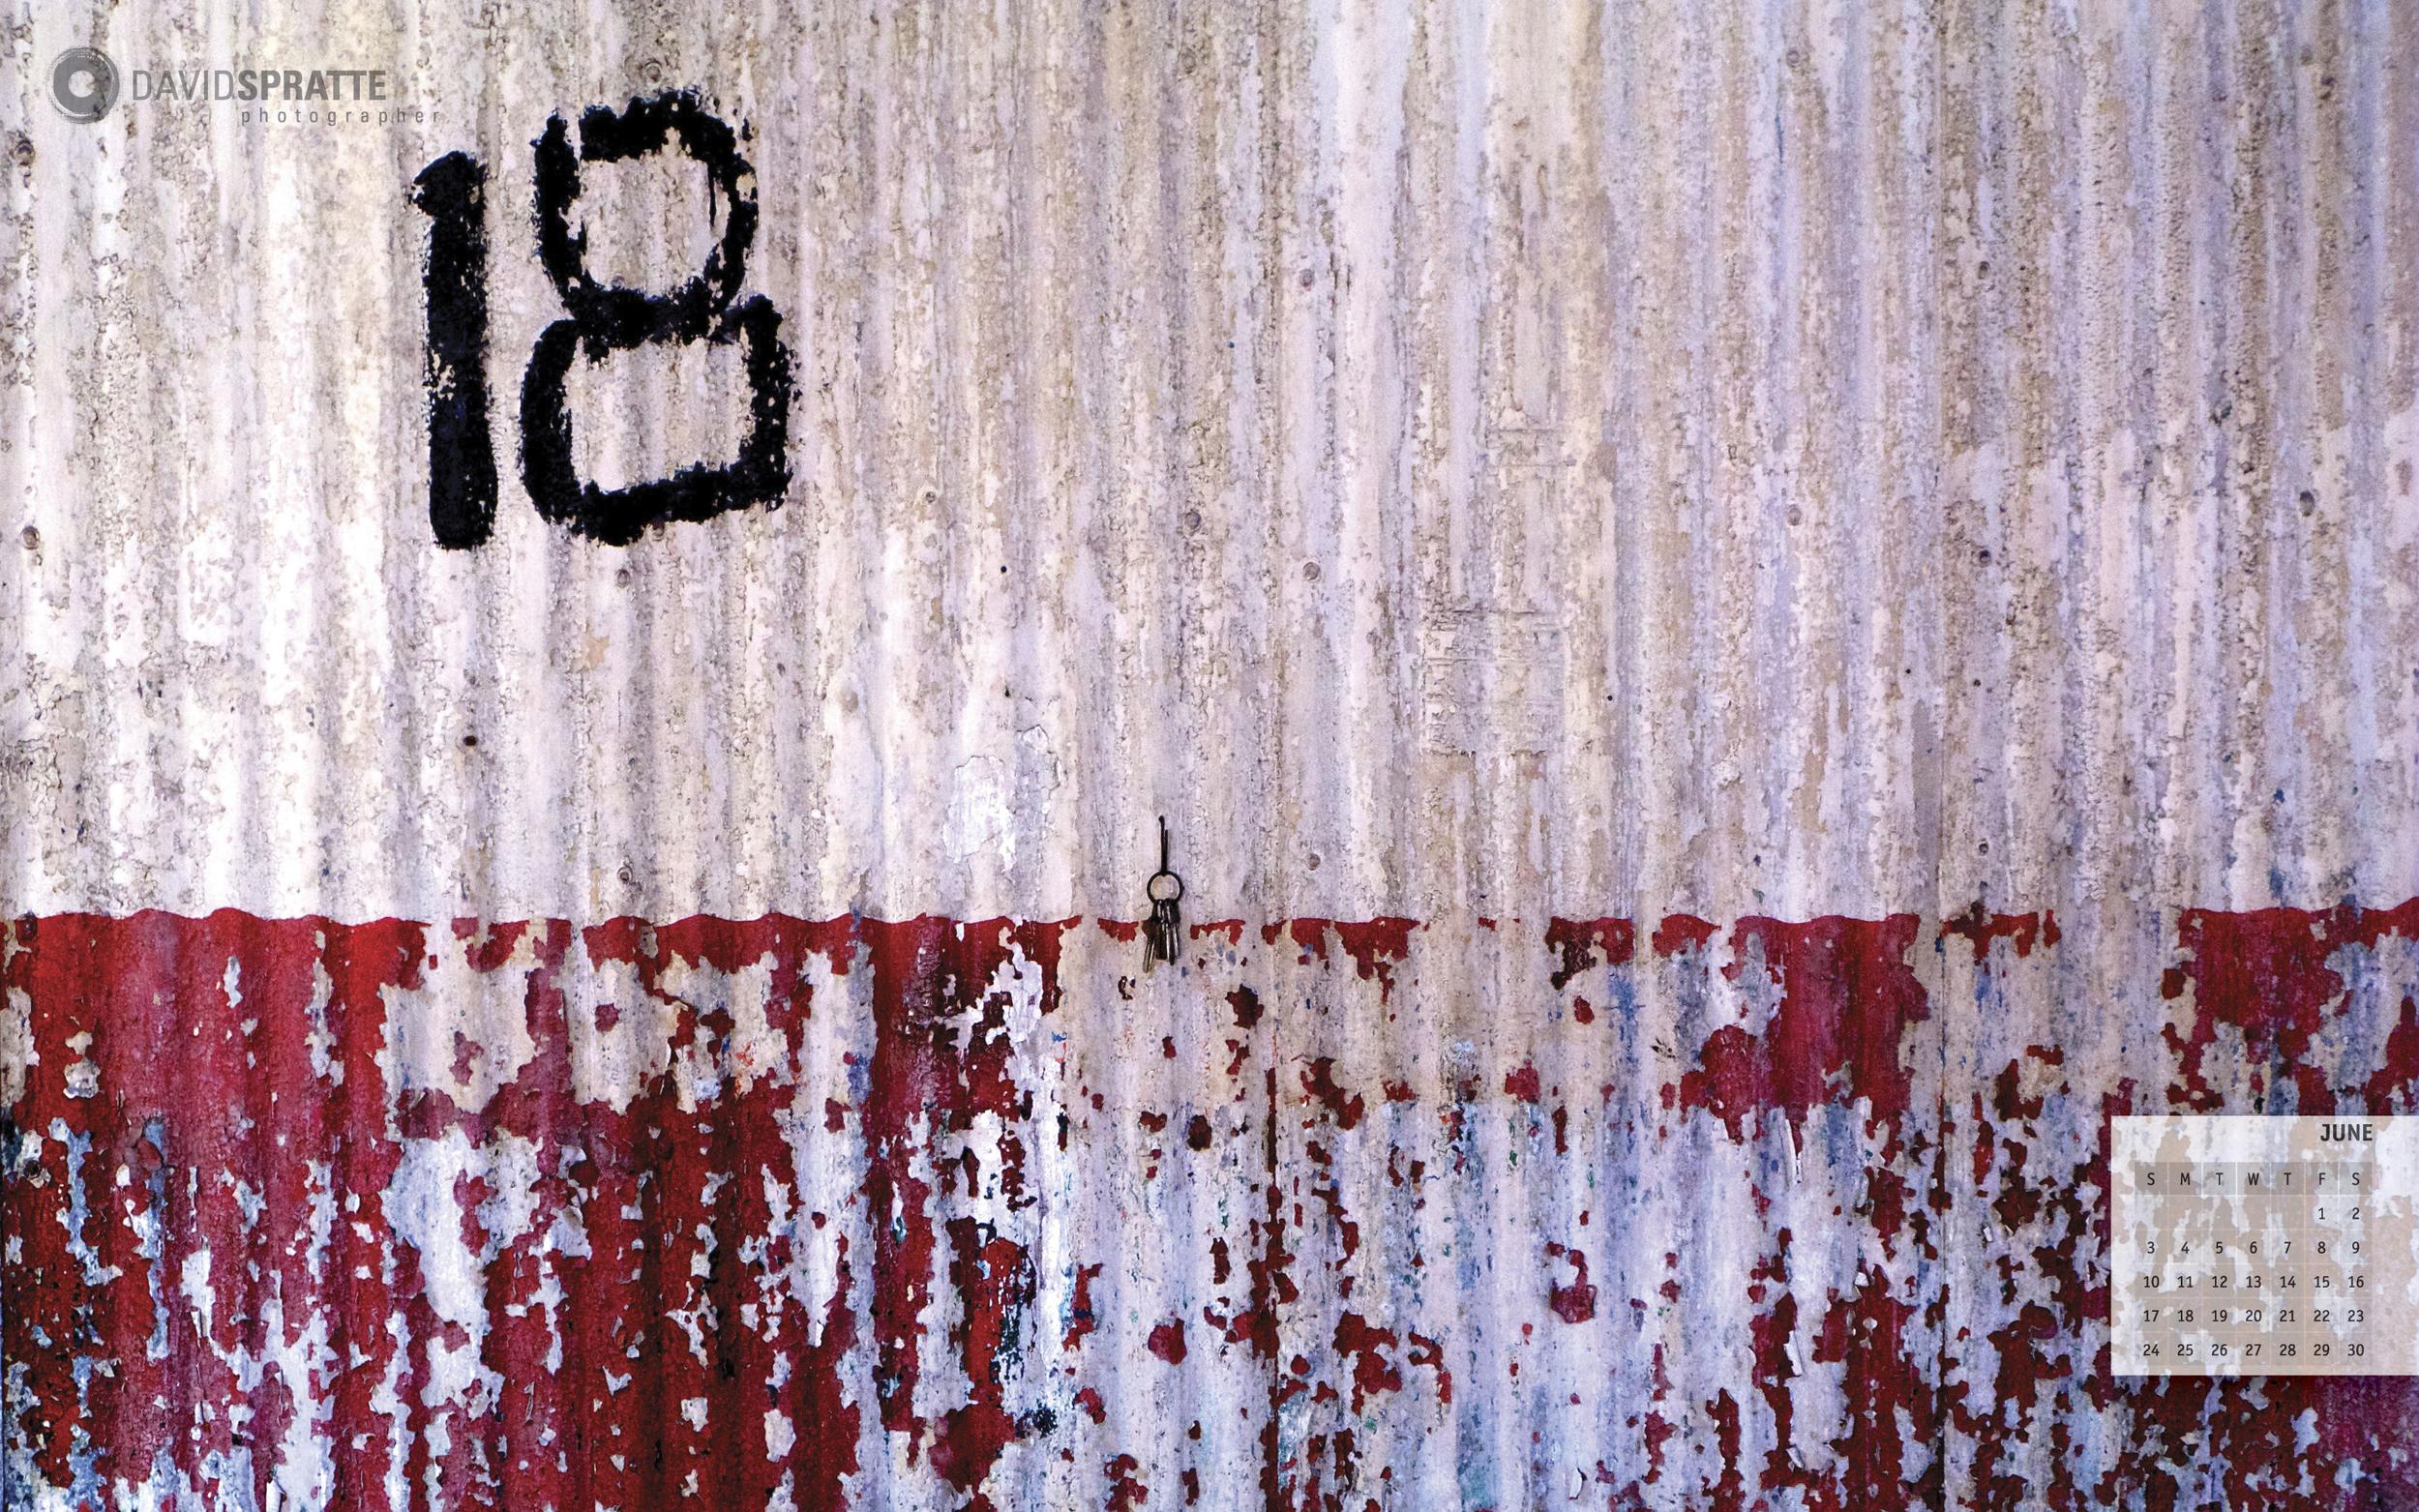 DSPRATTE-2012-Wallpaper-6.jpg